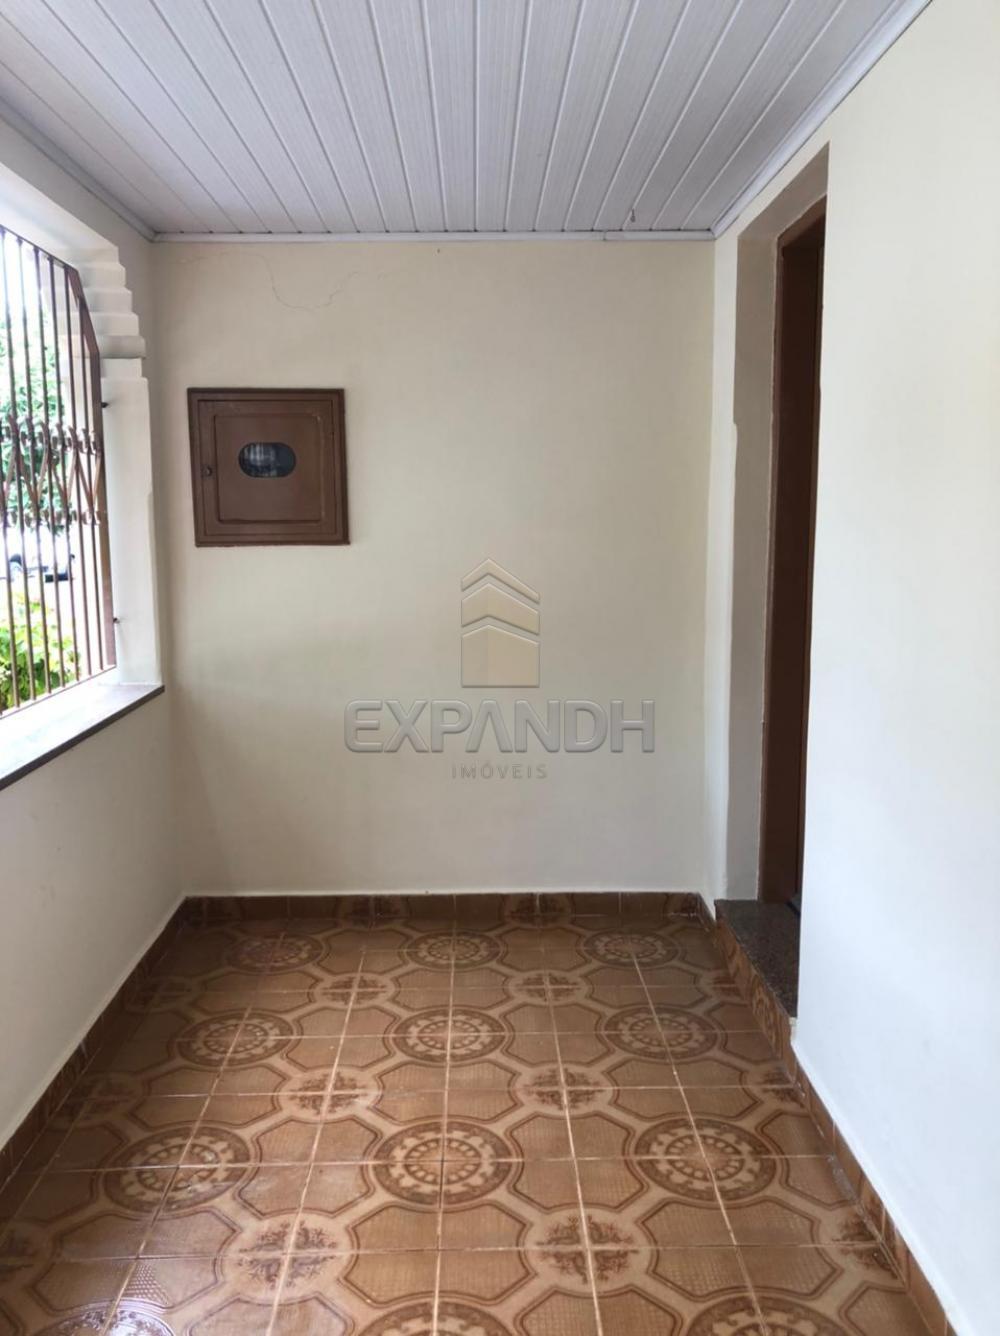 Alugar Casas / Padrão em Sertãozinho R$ 925,00 - Foto 2